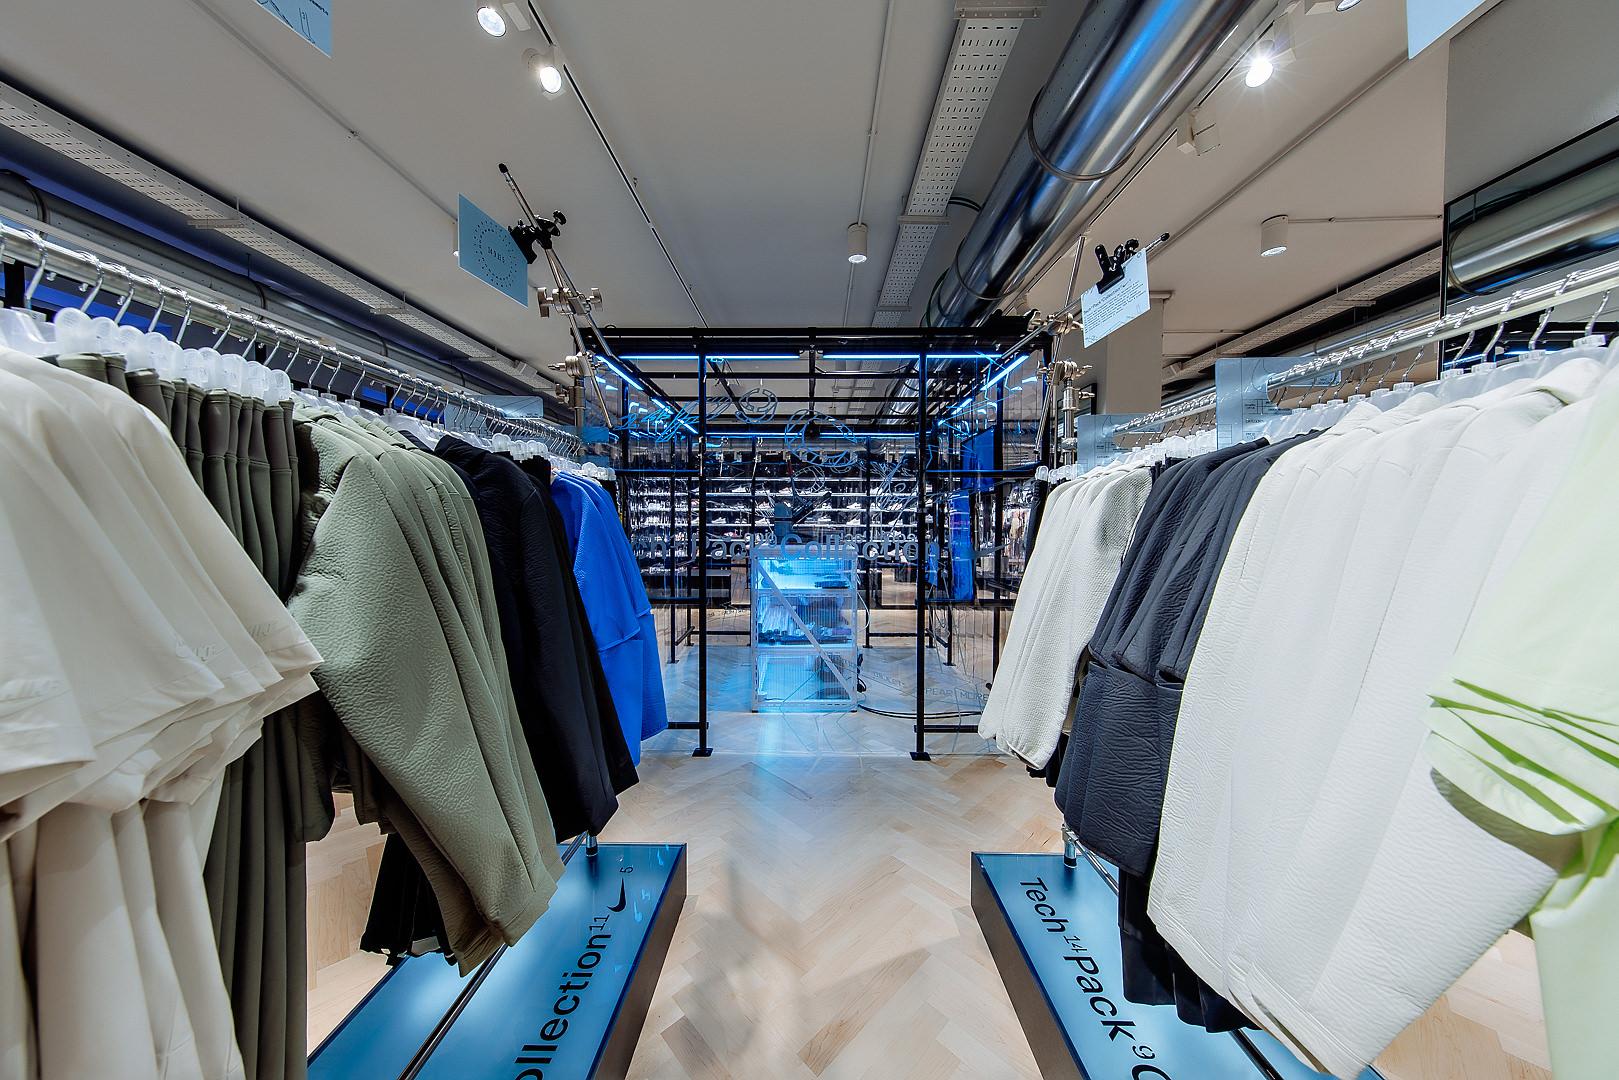 2018_09_14_Nike_Store_CVE_0071.jpg